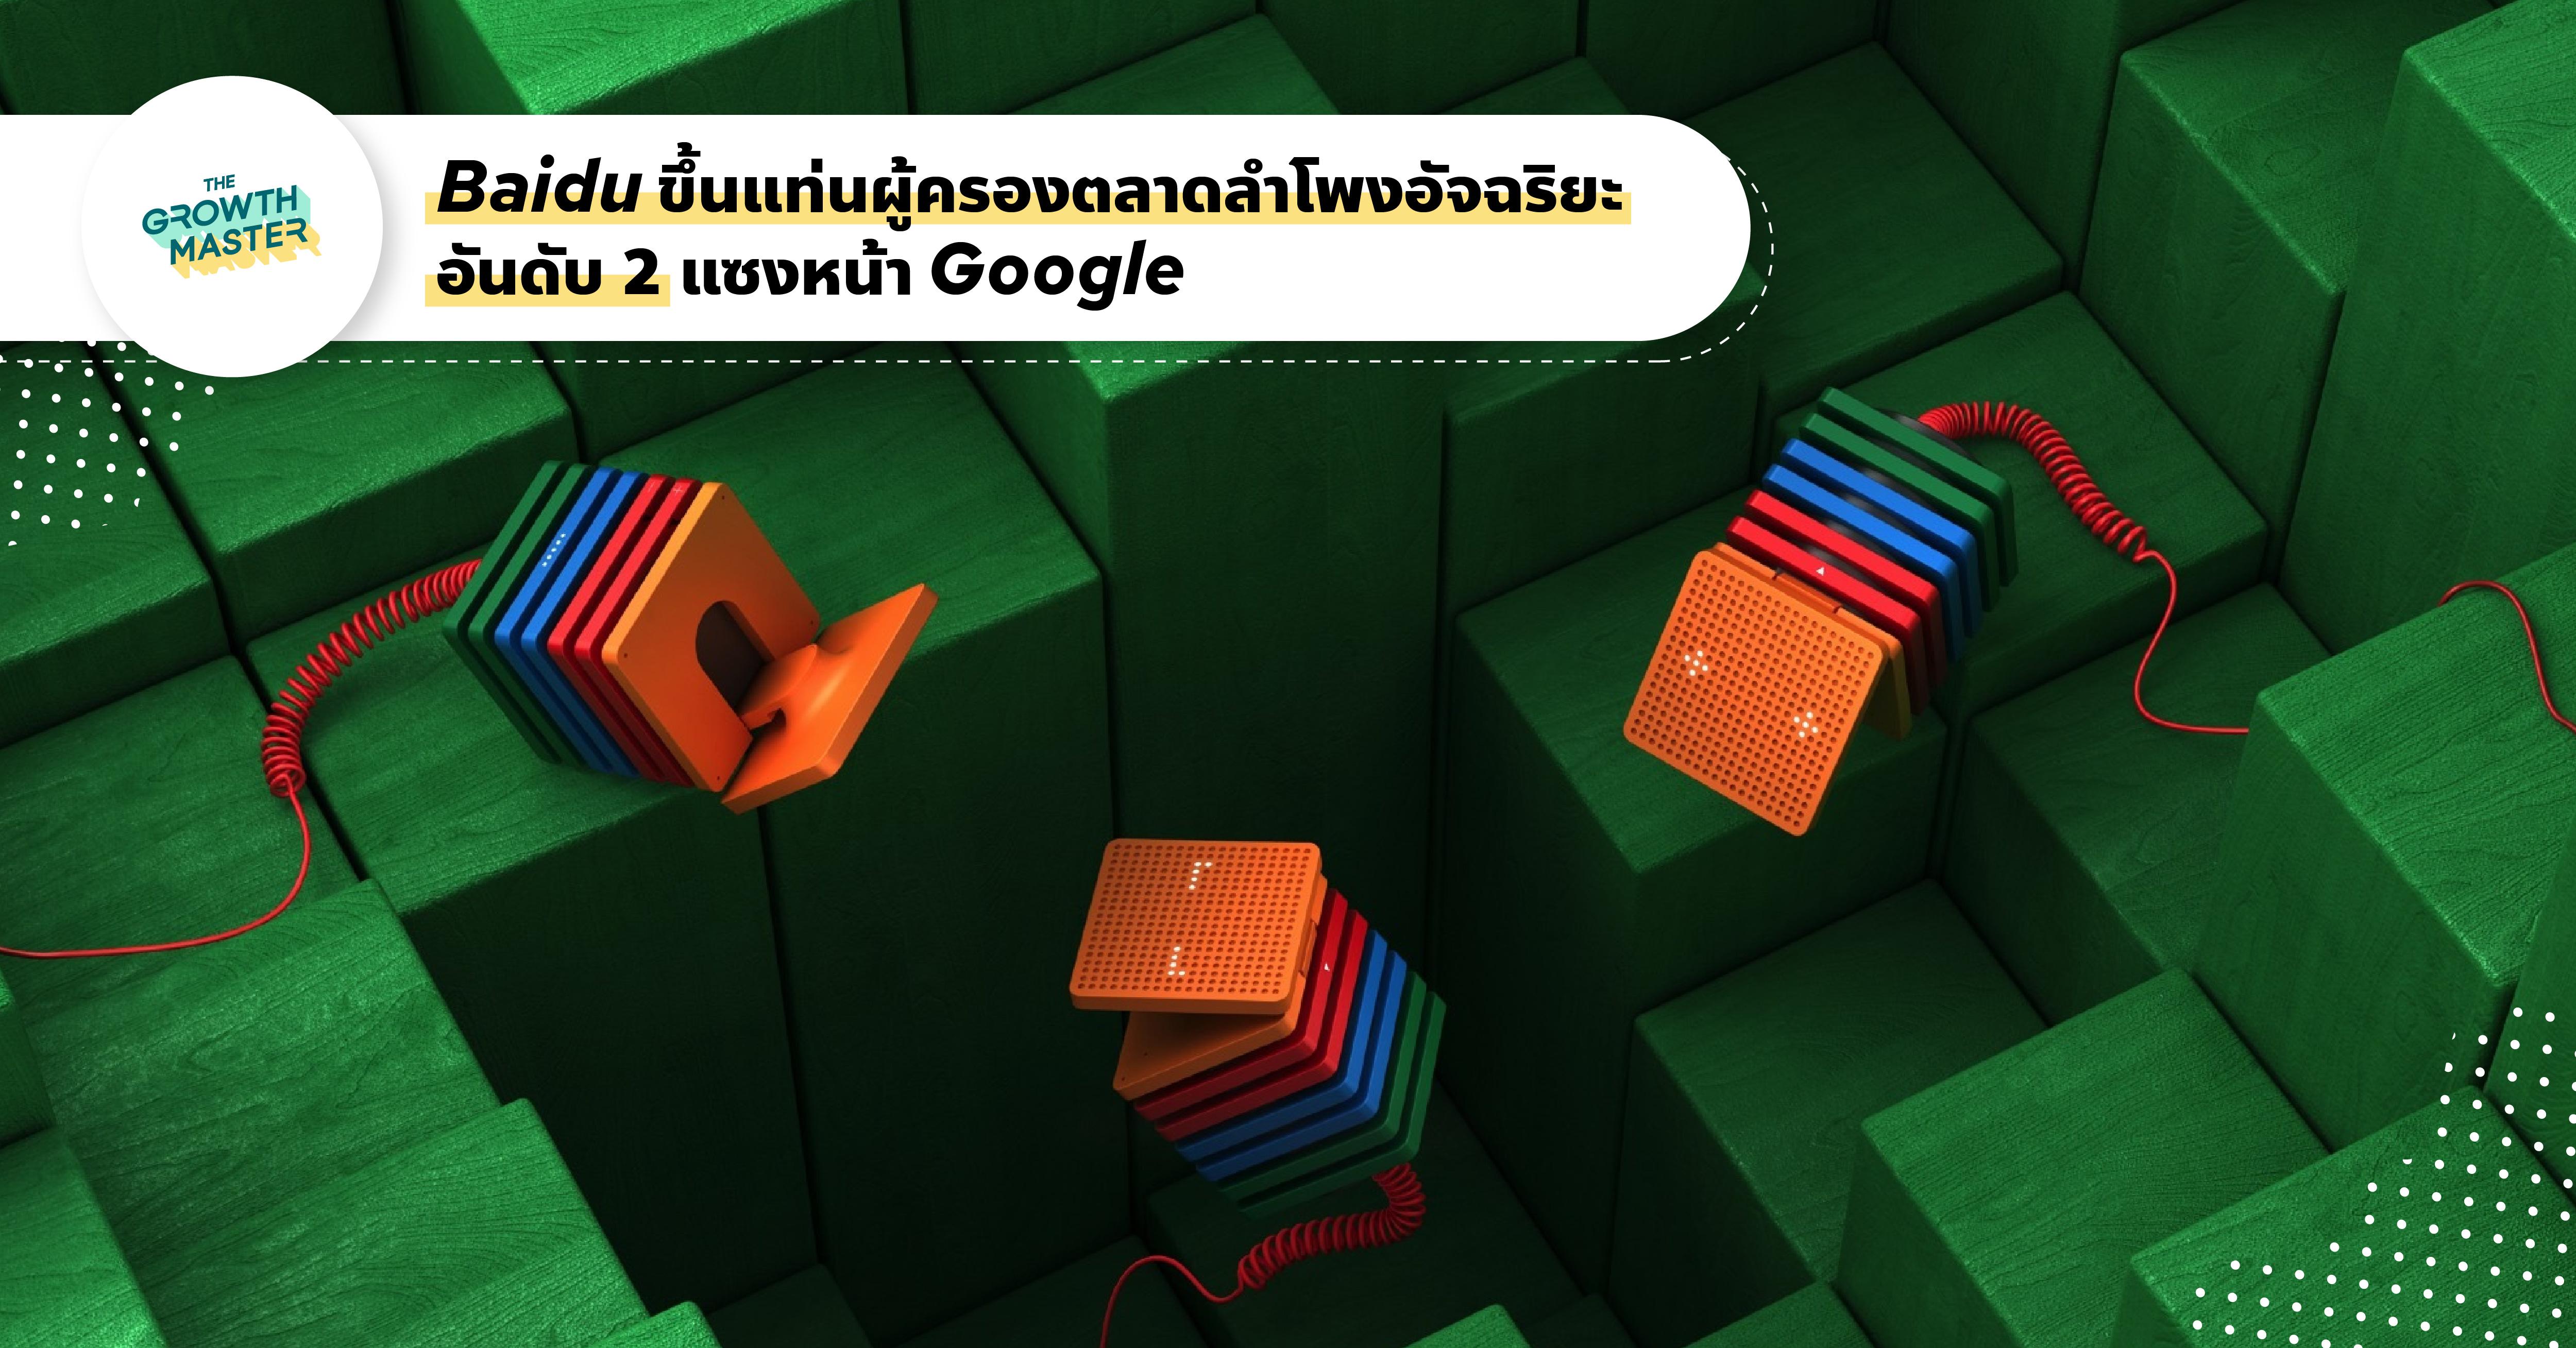 Baidu ขึ้นแท่นผู้ครองตลาดลำโพงอัจฉริยะอันดับ 2 แซงหน้า Google